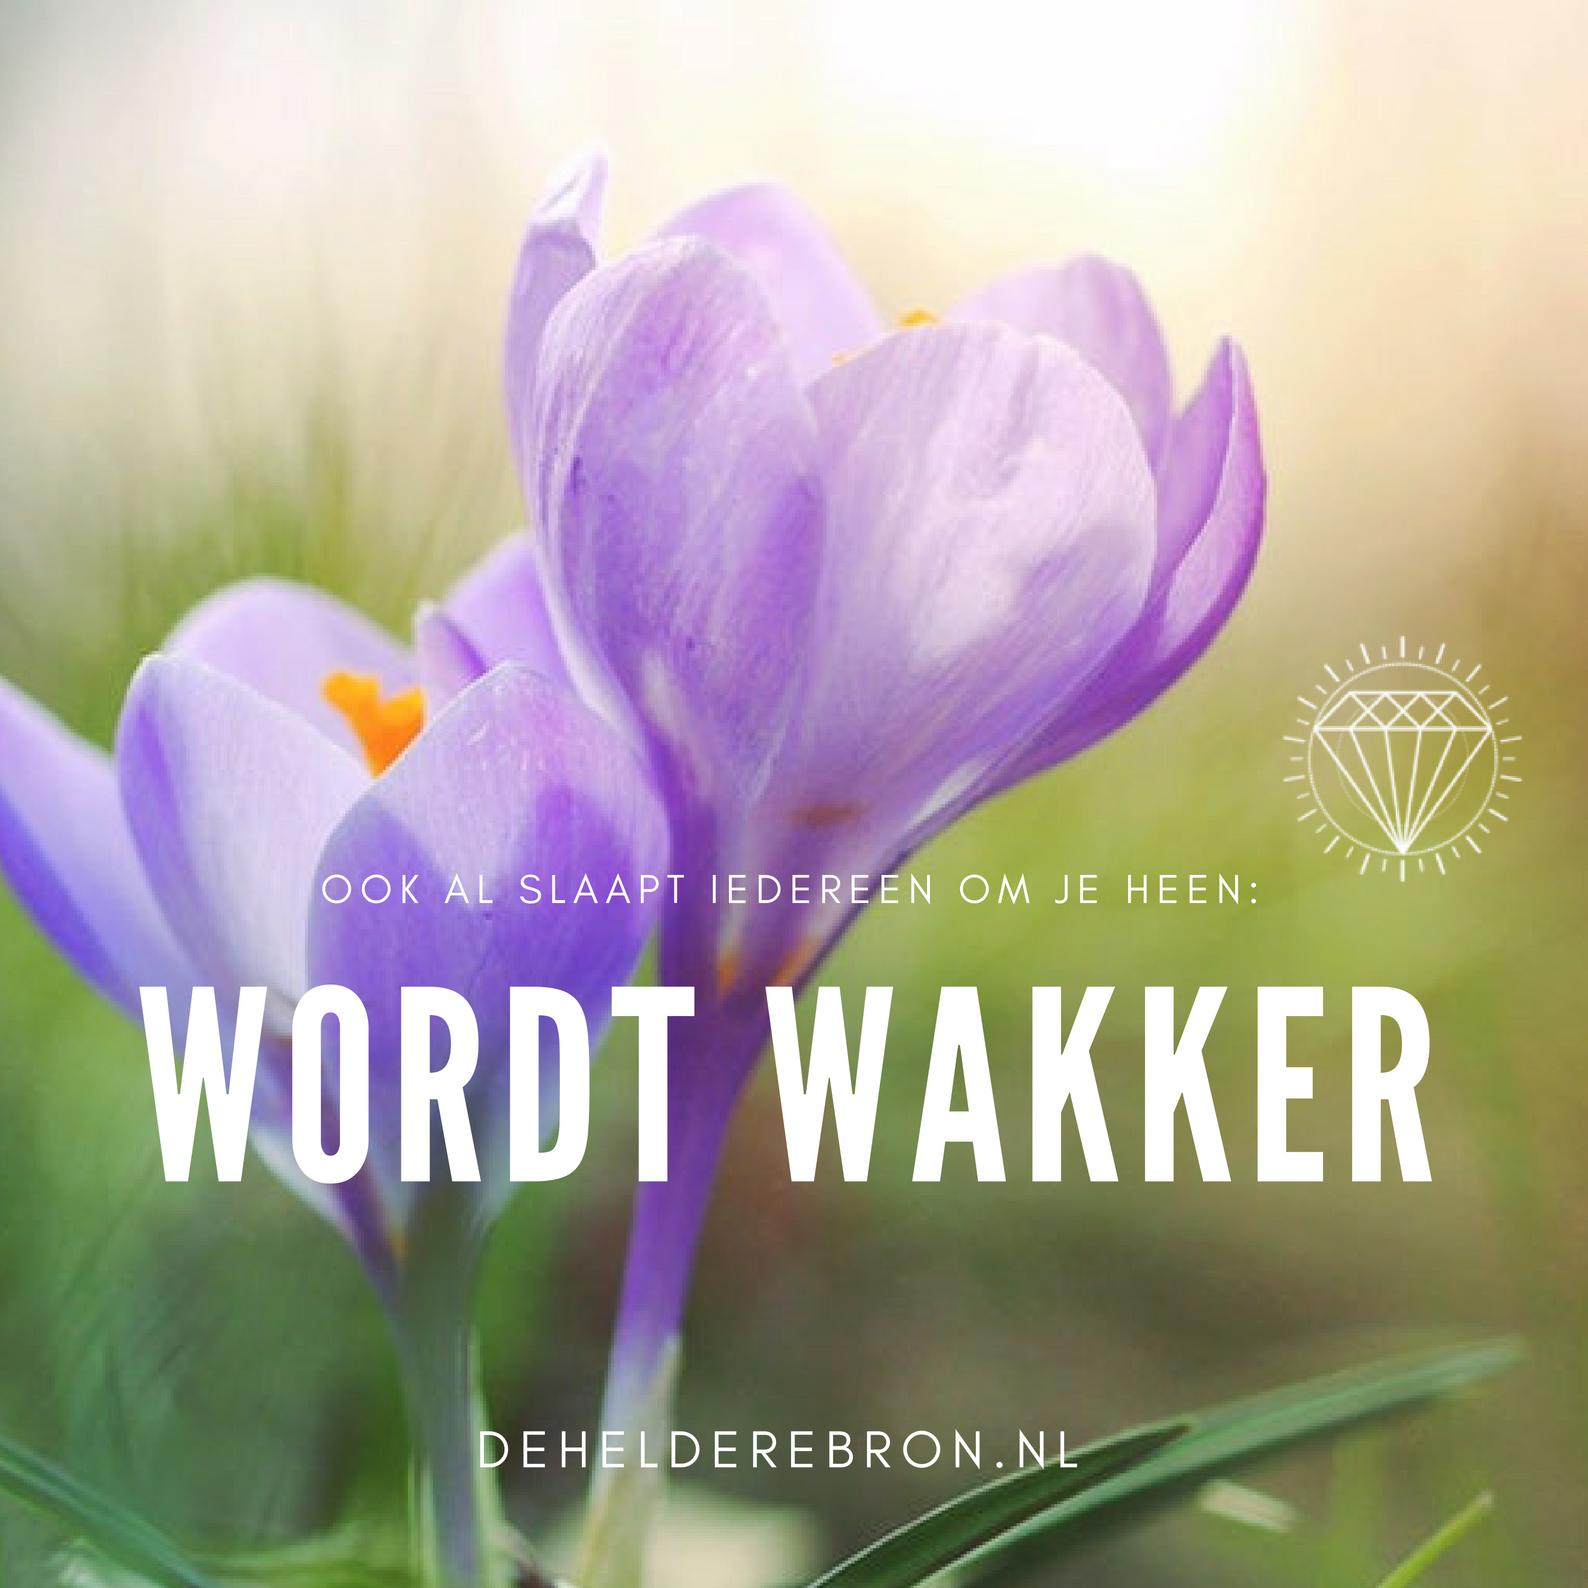 WORDT WAKKER